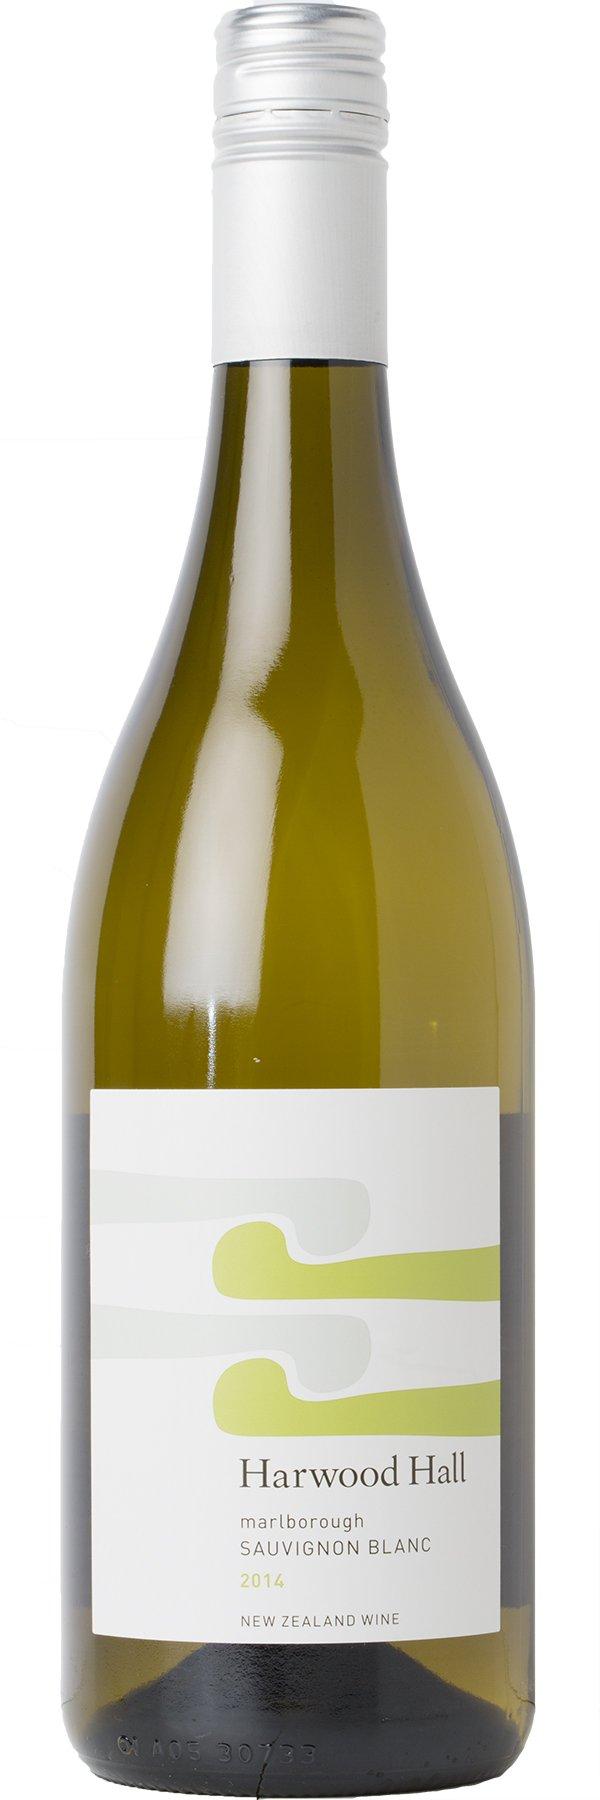 Harwood Hall Sauvignon Blanc 2018-0